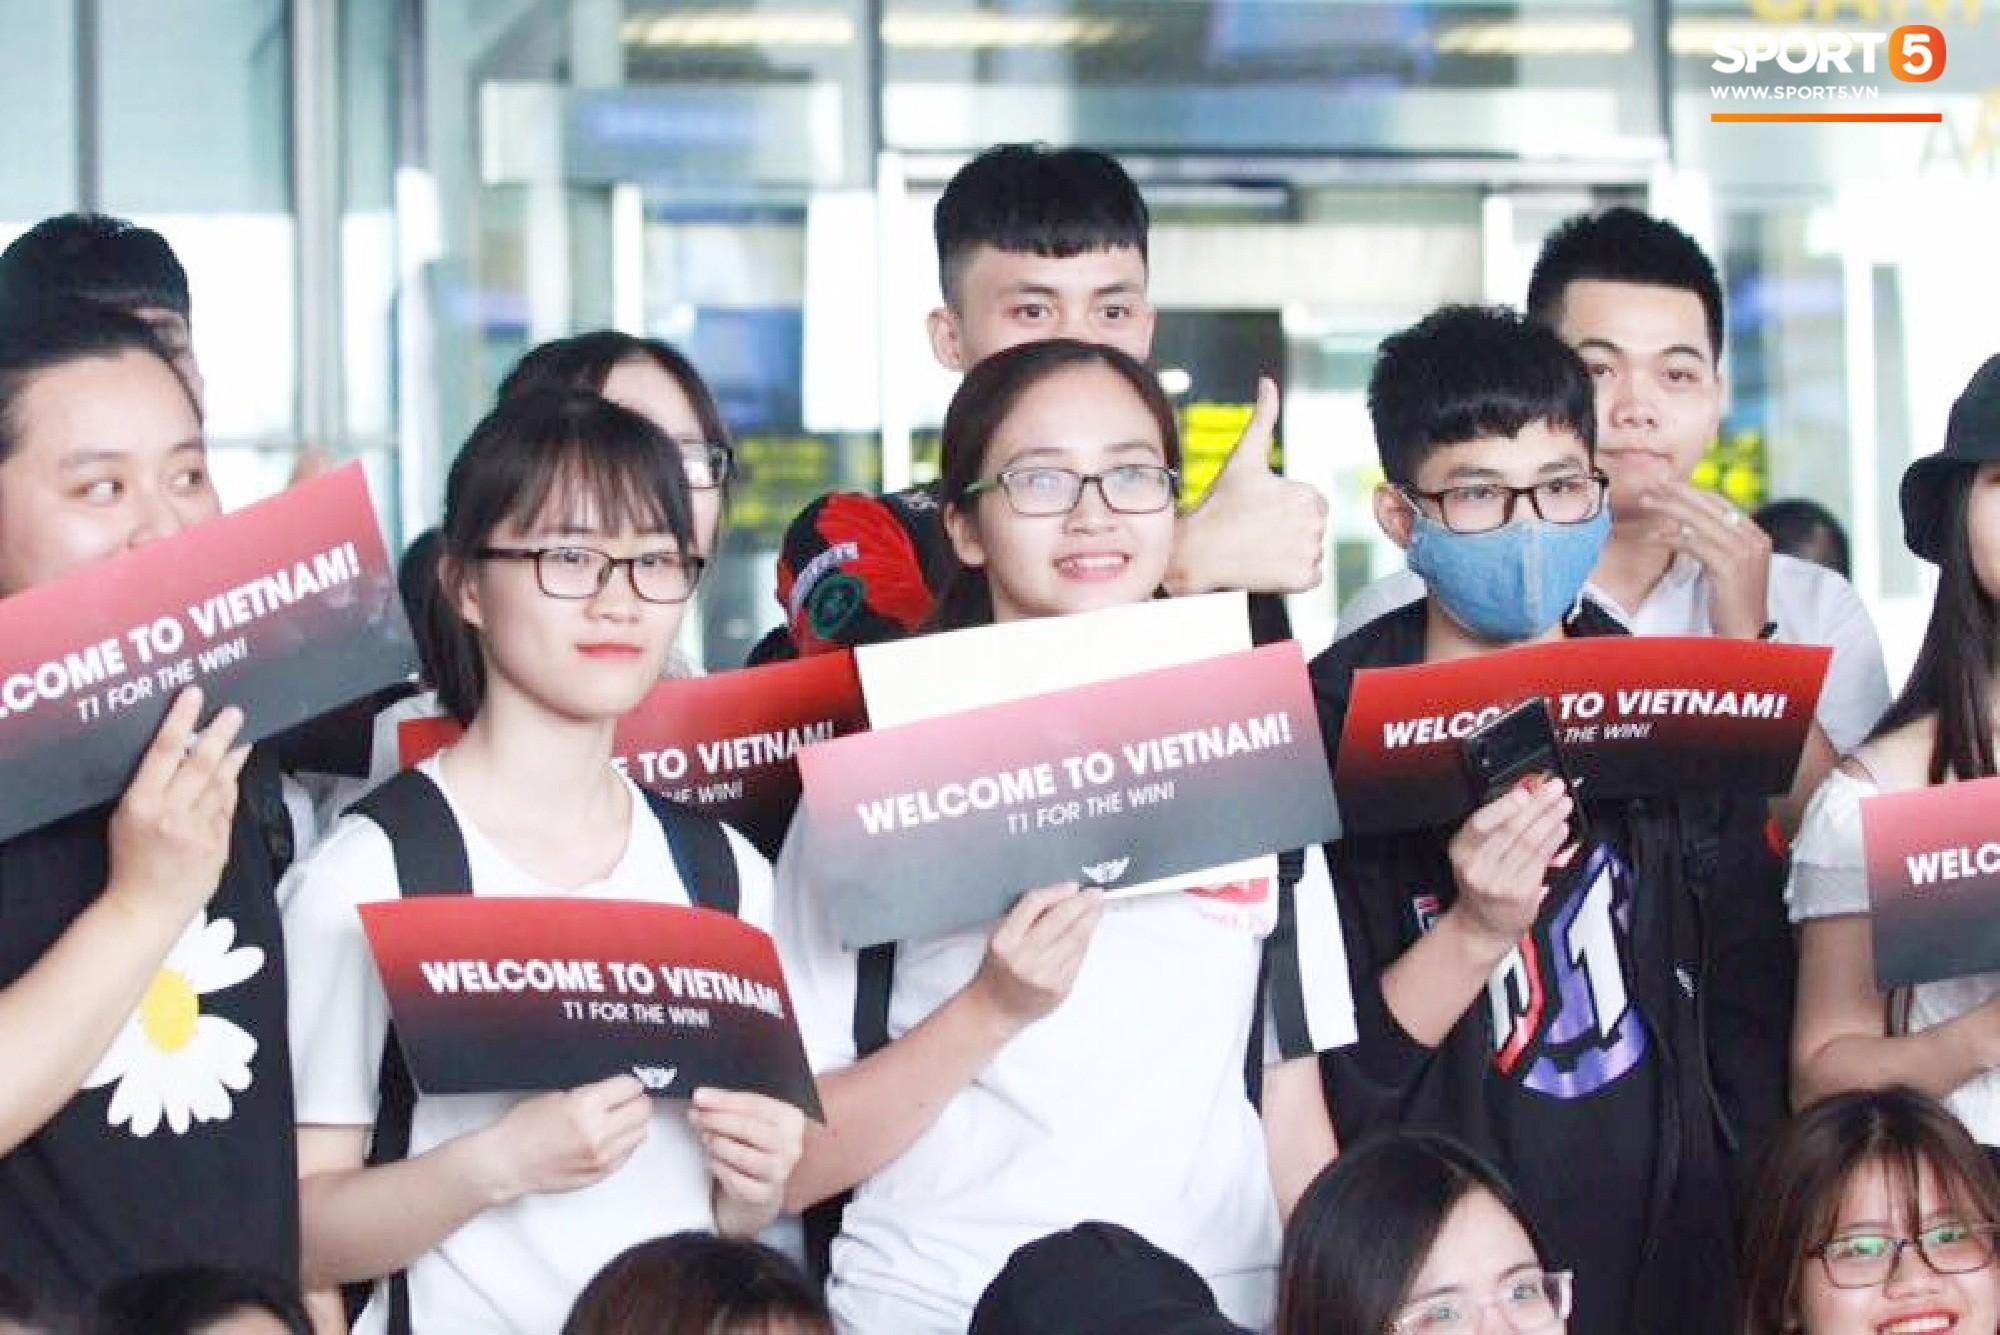 Dàn sao triệu đô SKT T1 rạng ngời trong ngày đầu tiên đặt chân tới Hà Nội - Ảnh 6.